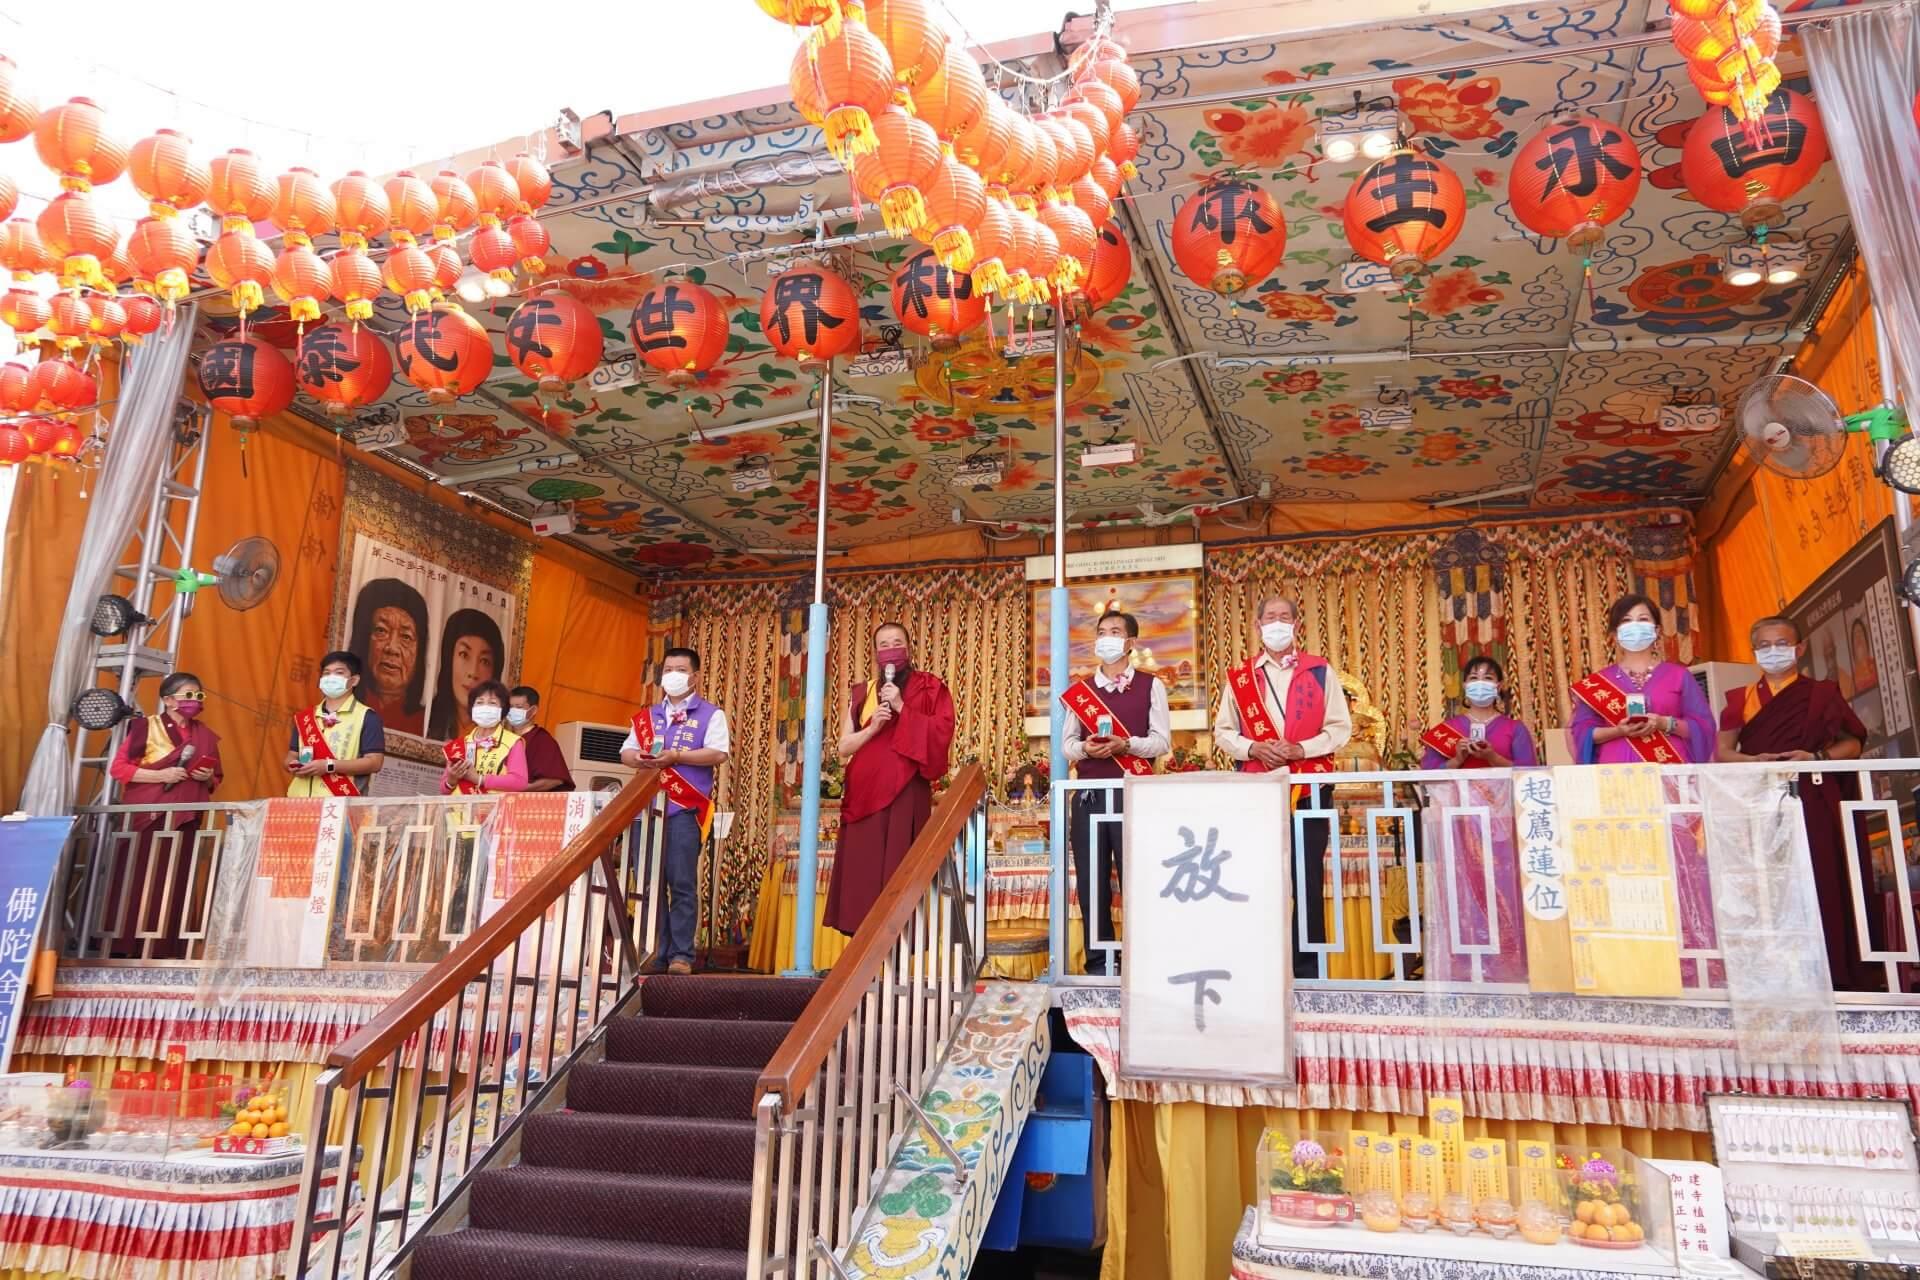 行動佛殿125站屏東里港,本會指導上師恆性嘉措仁波且(中)感謝貴賓蒞臨祈福